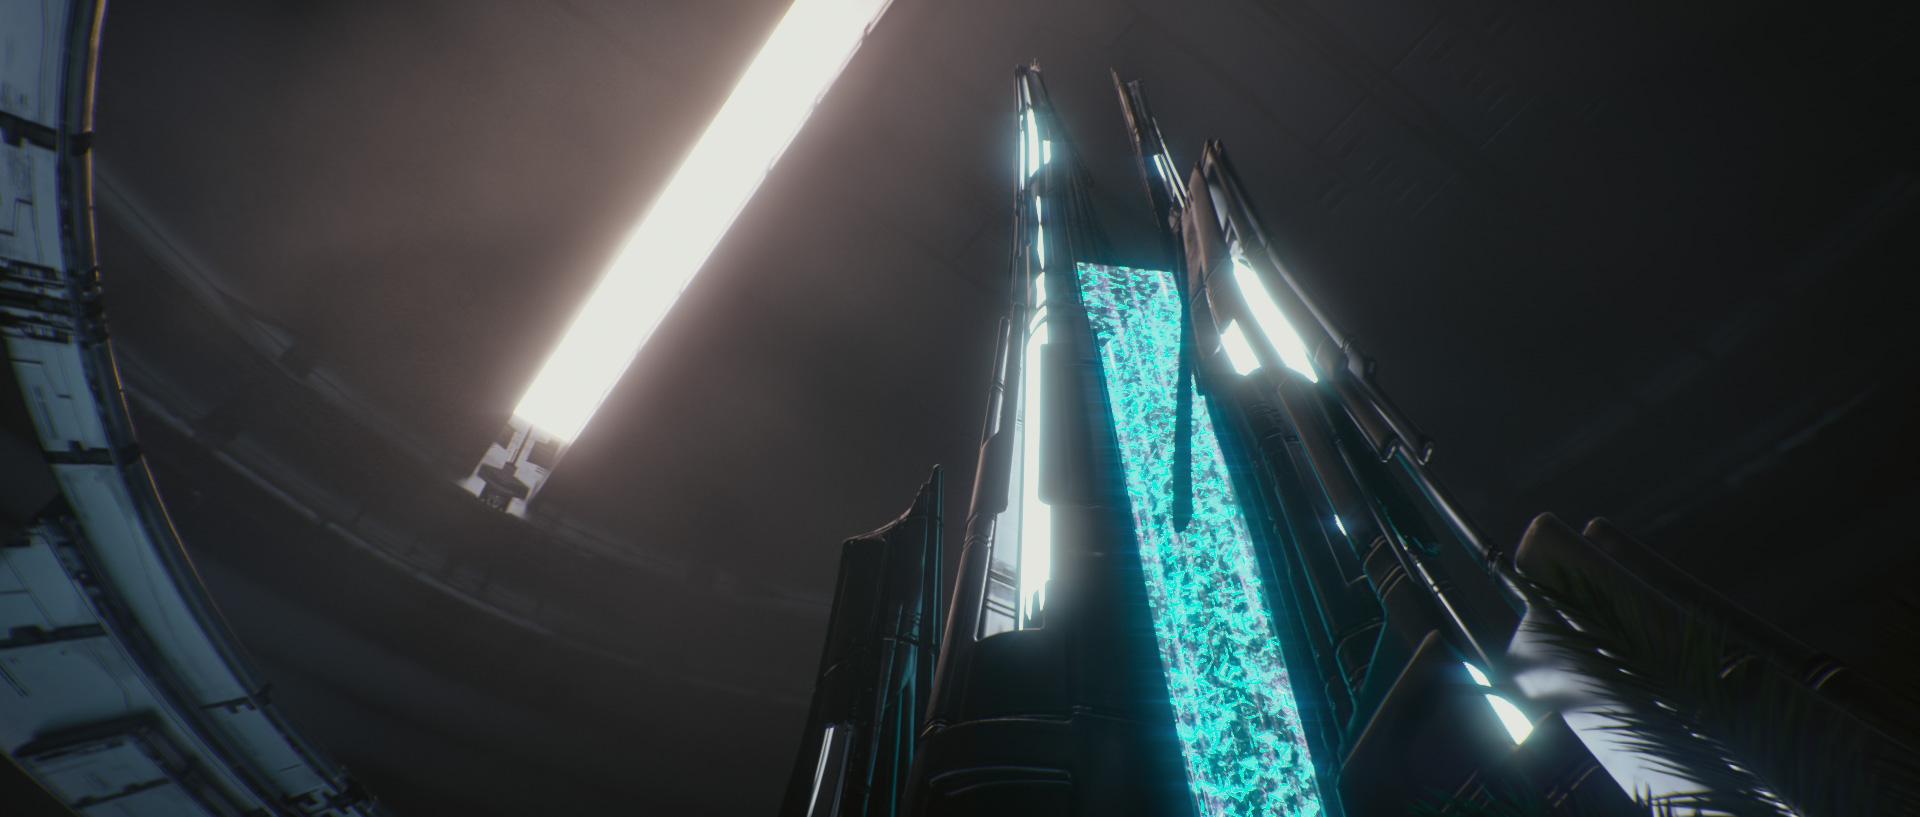 Cam_Bellow_Tower (0-00-02-25).jpg